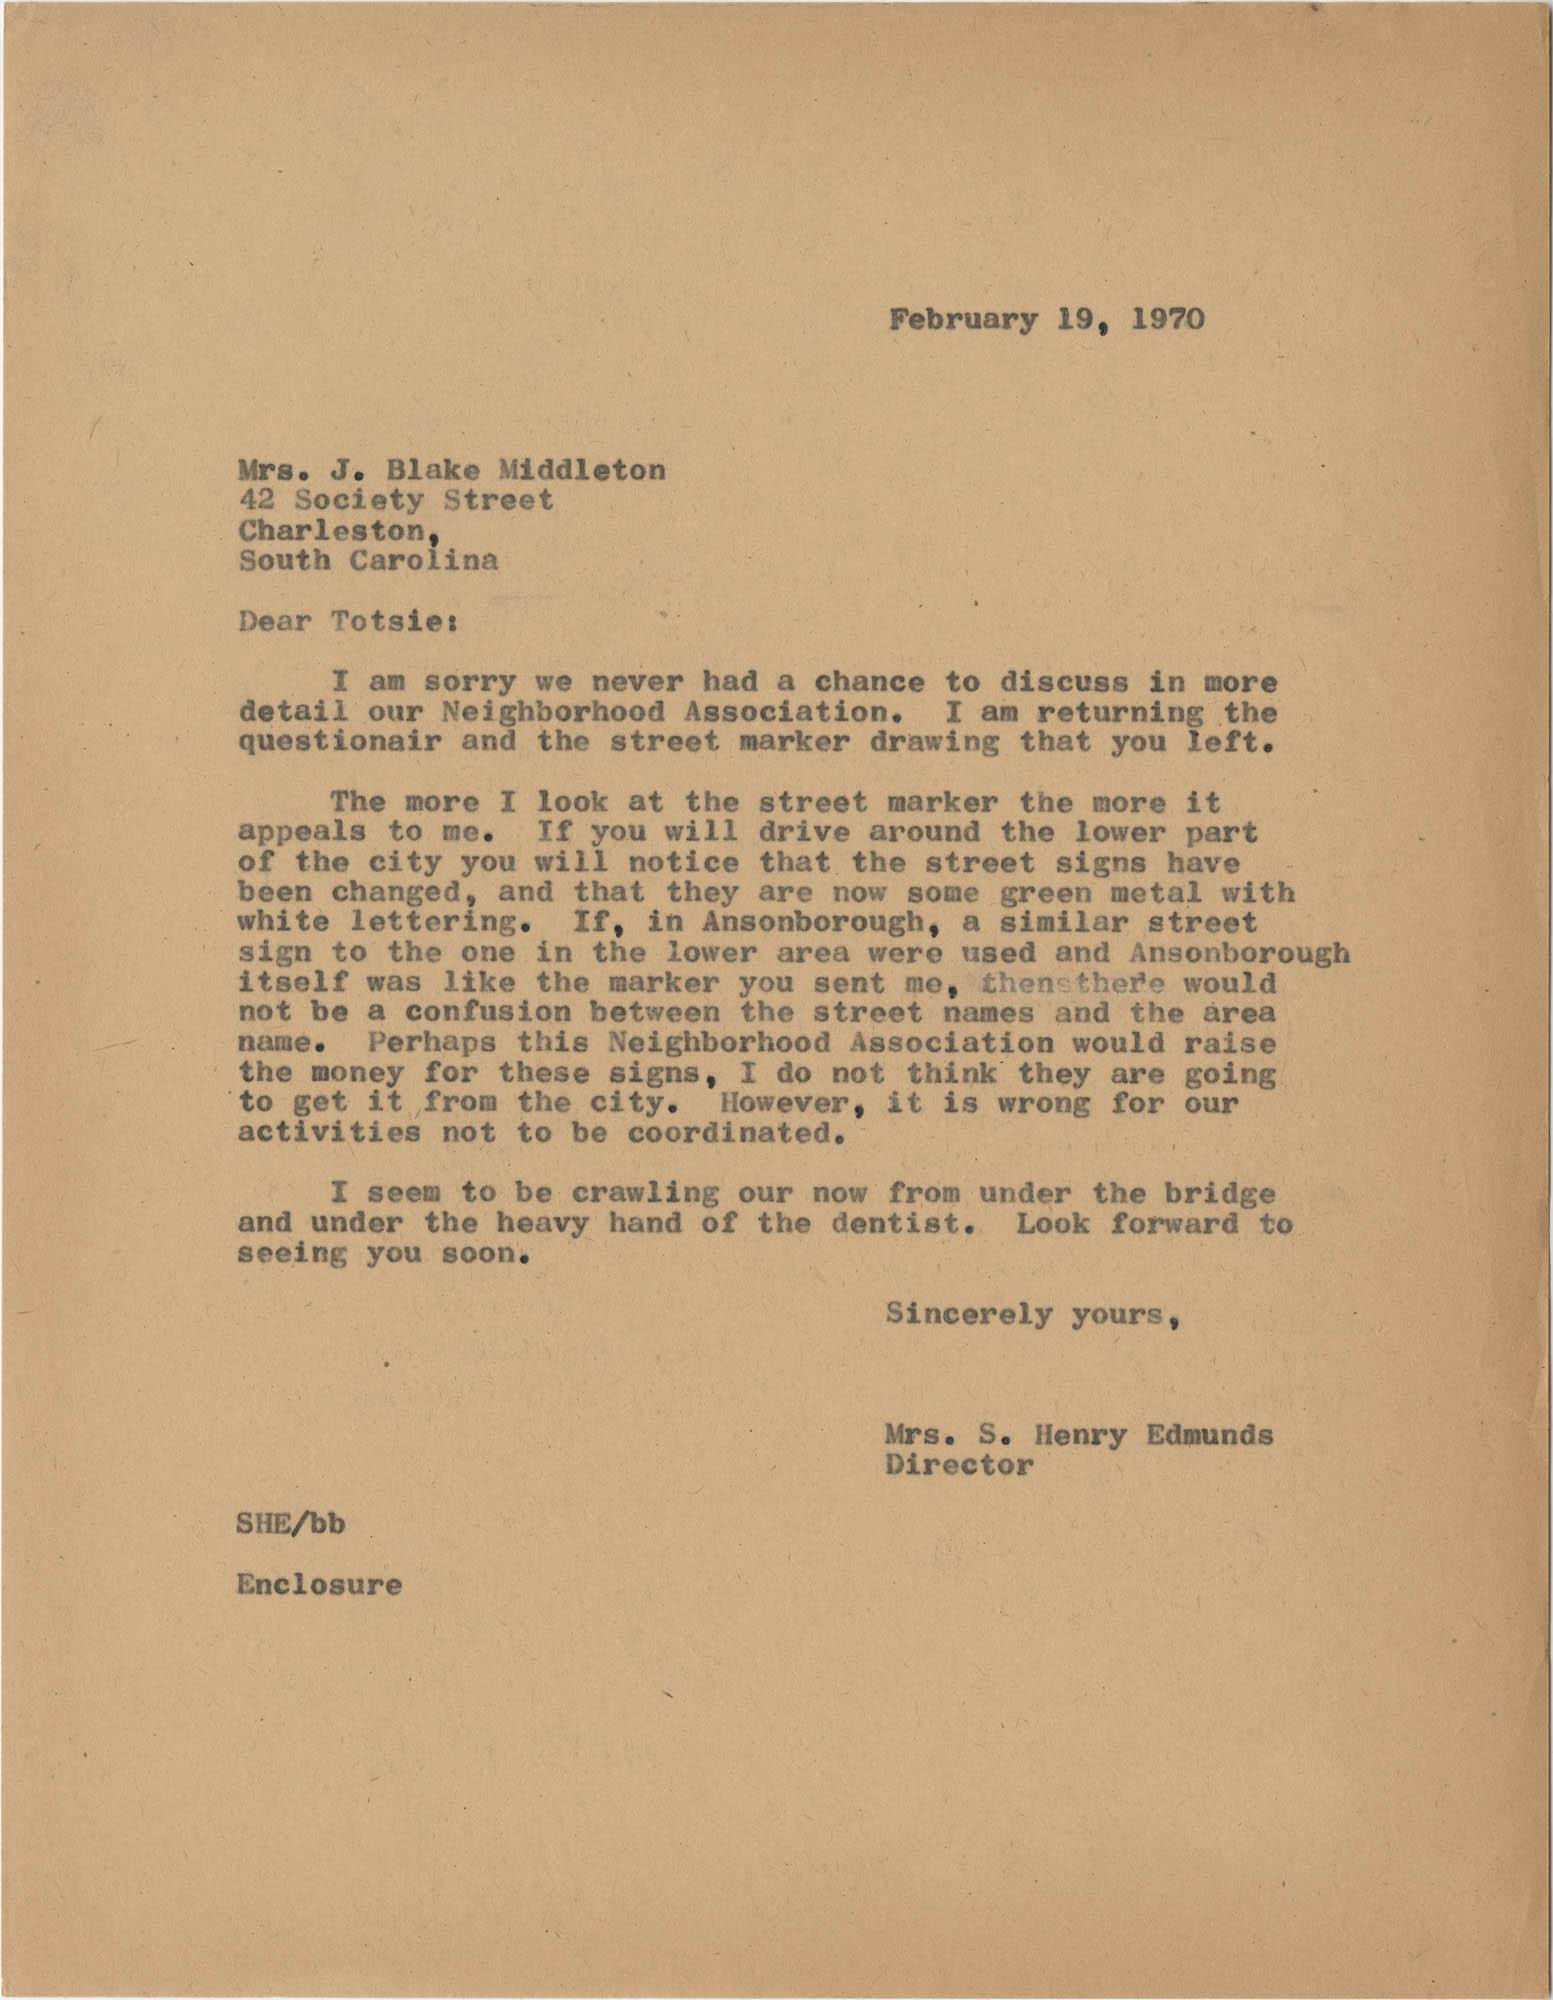 Letter from Mrs. S. Henry Edmunds to Mrs. J. Blake Middleton